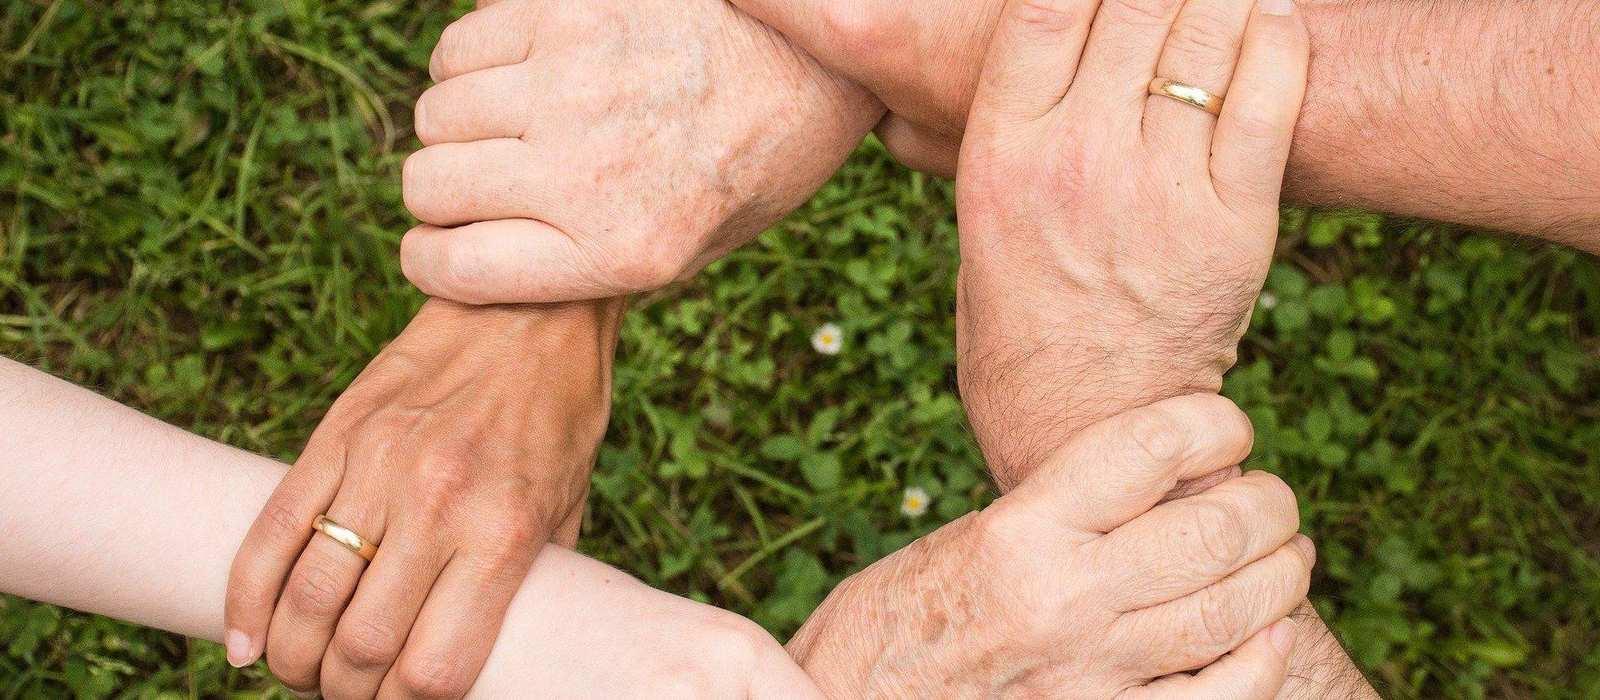 6 Hände halten einander an den Handgelenken und bilden dabei einen Kreis.